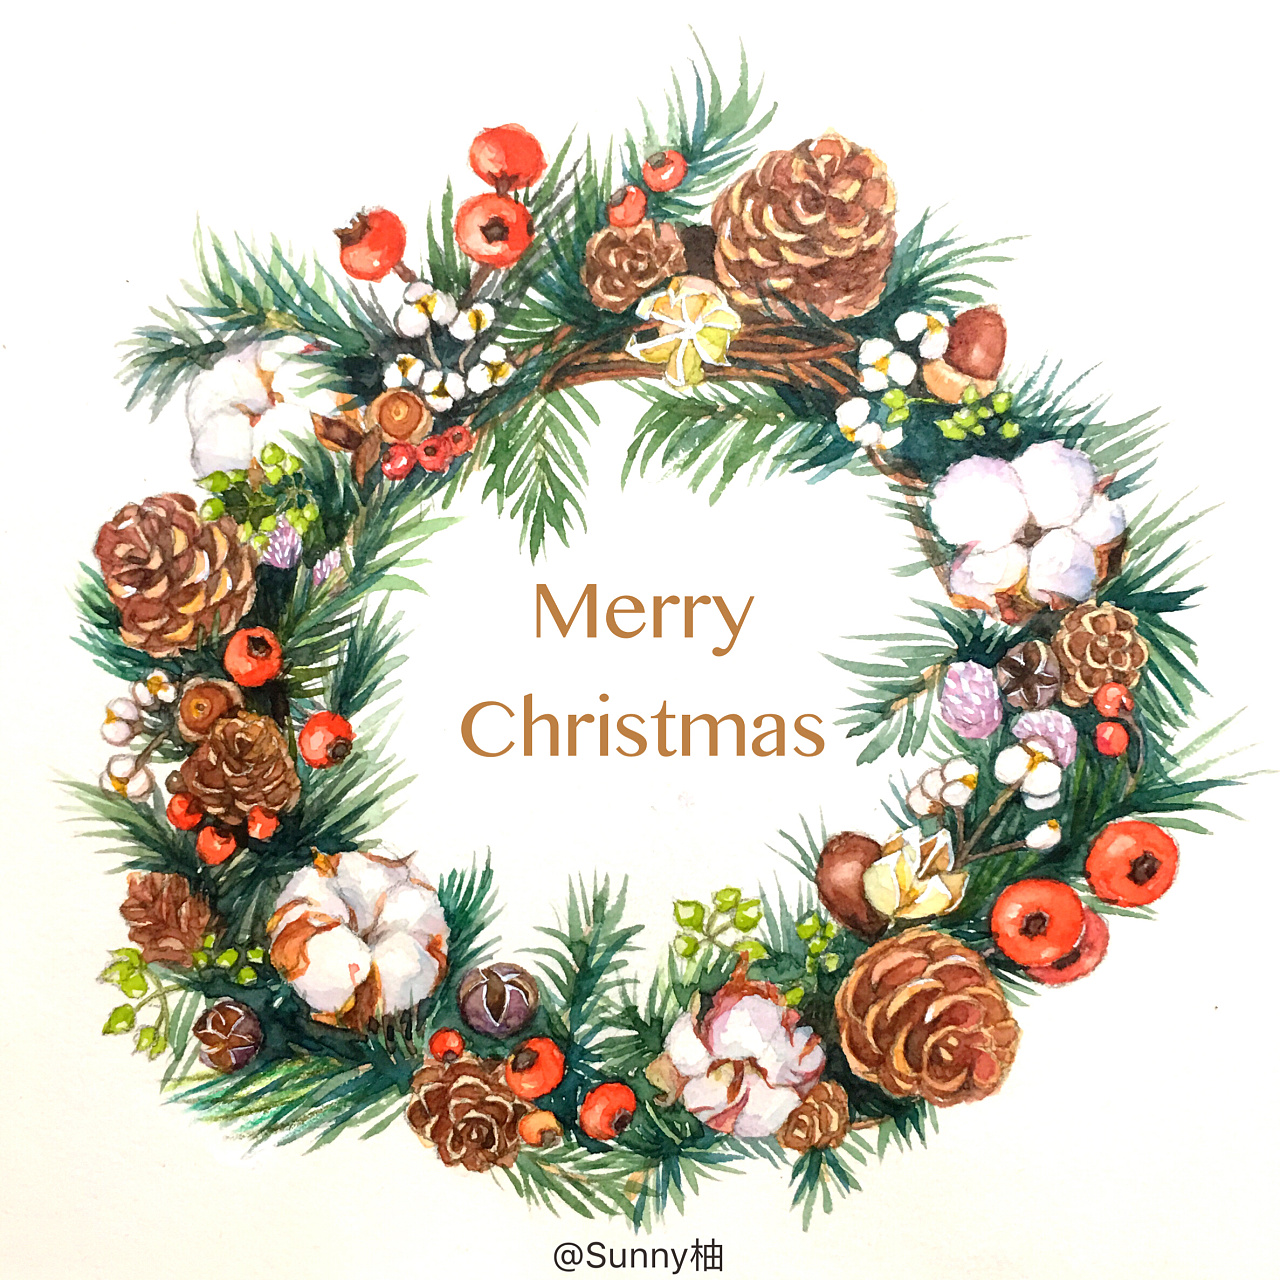 水彩手绘圣诞花环,merry christmas!